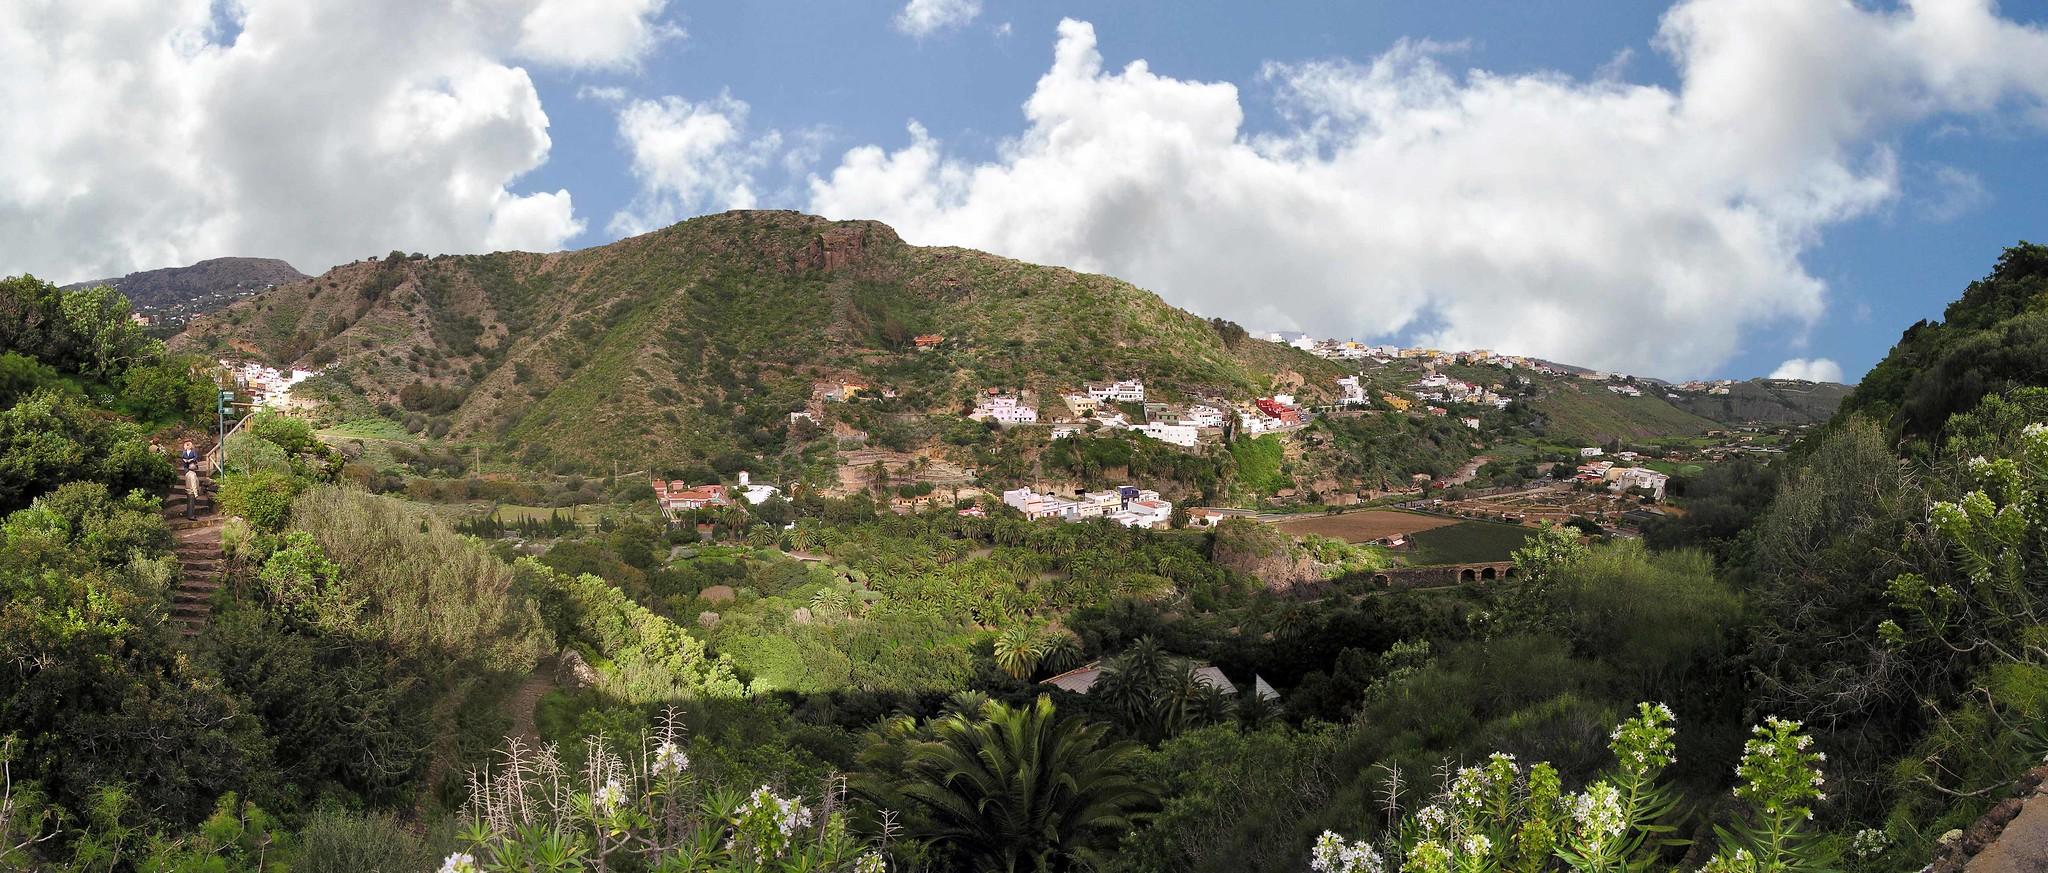 Vista Barranco Guiniguada desde Jardin Canario Gran Canaria Islas Canarias